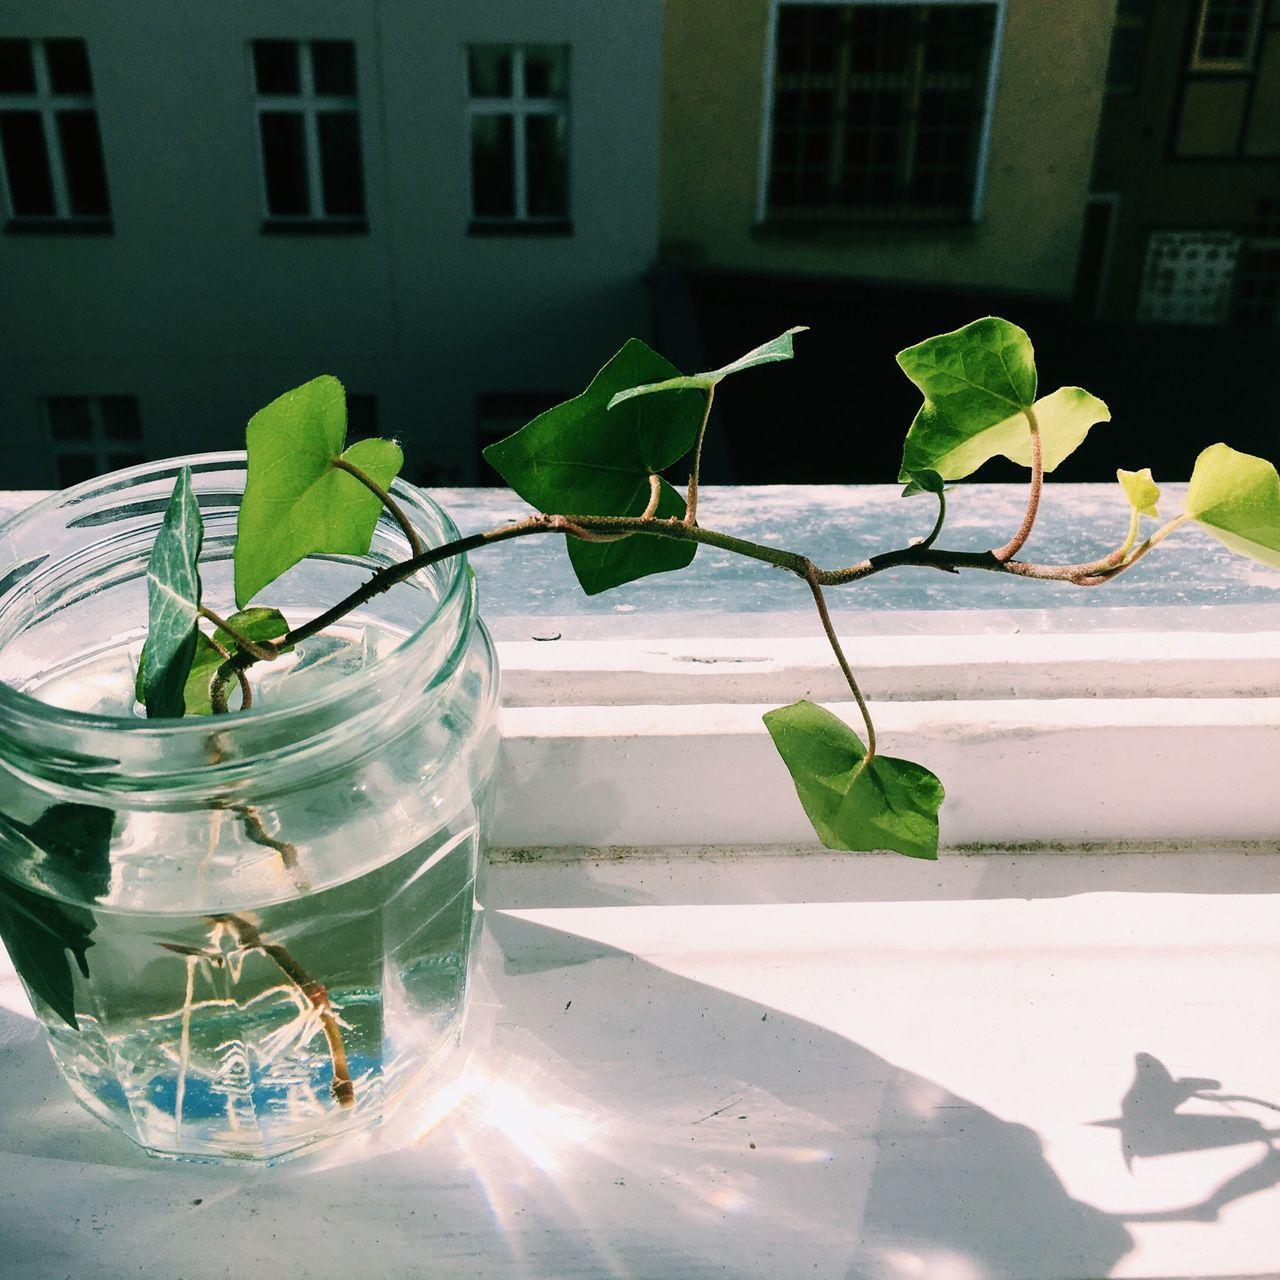 Plant Propogation